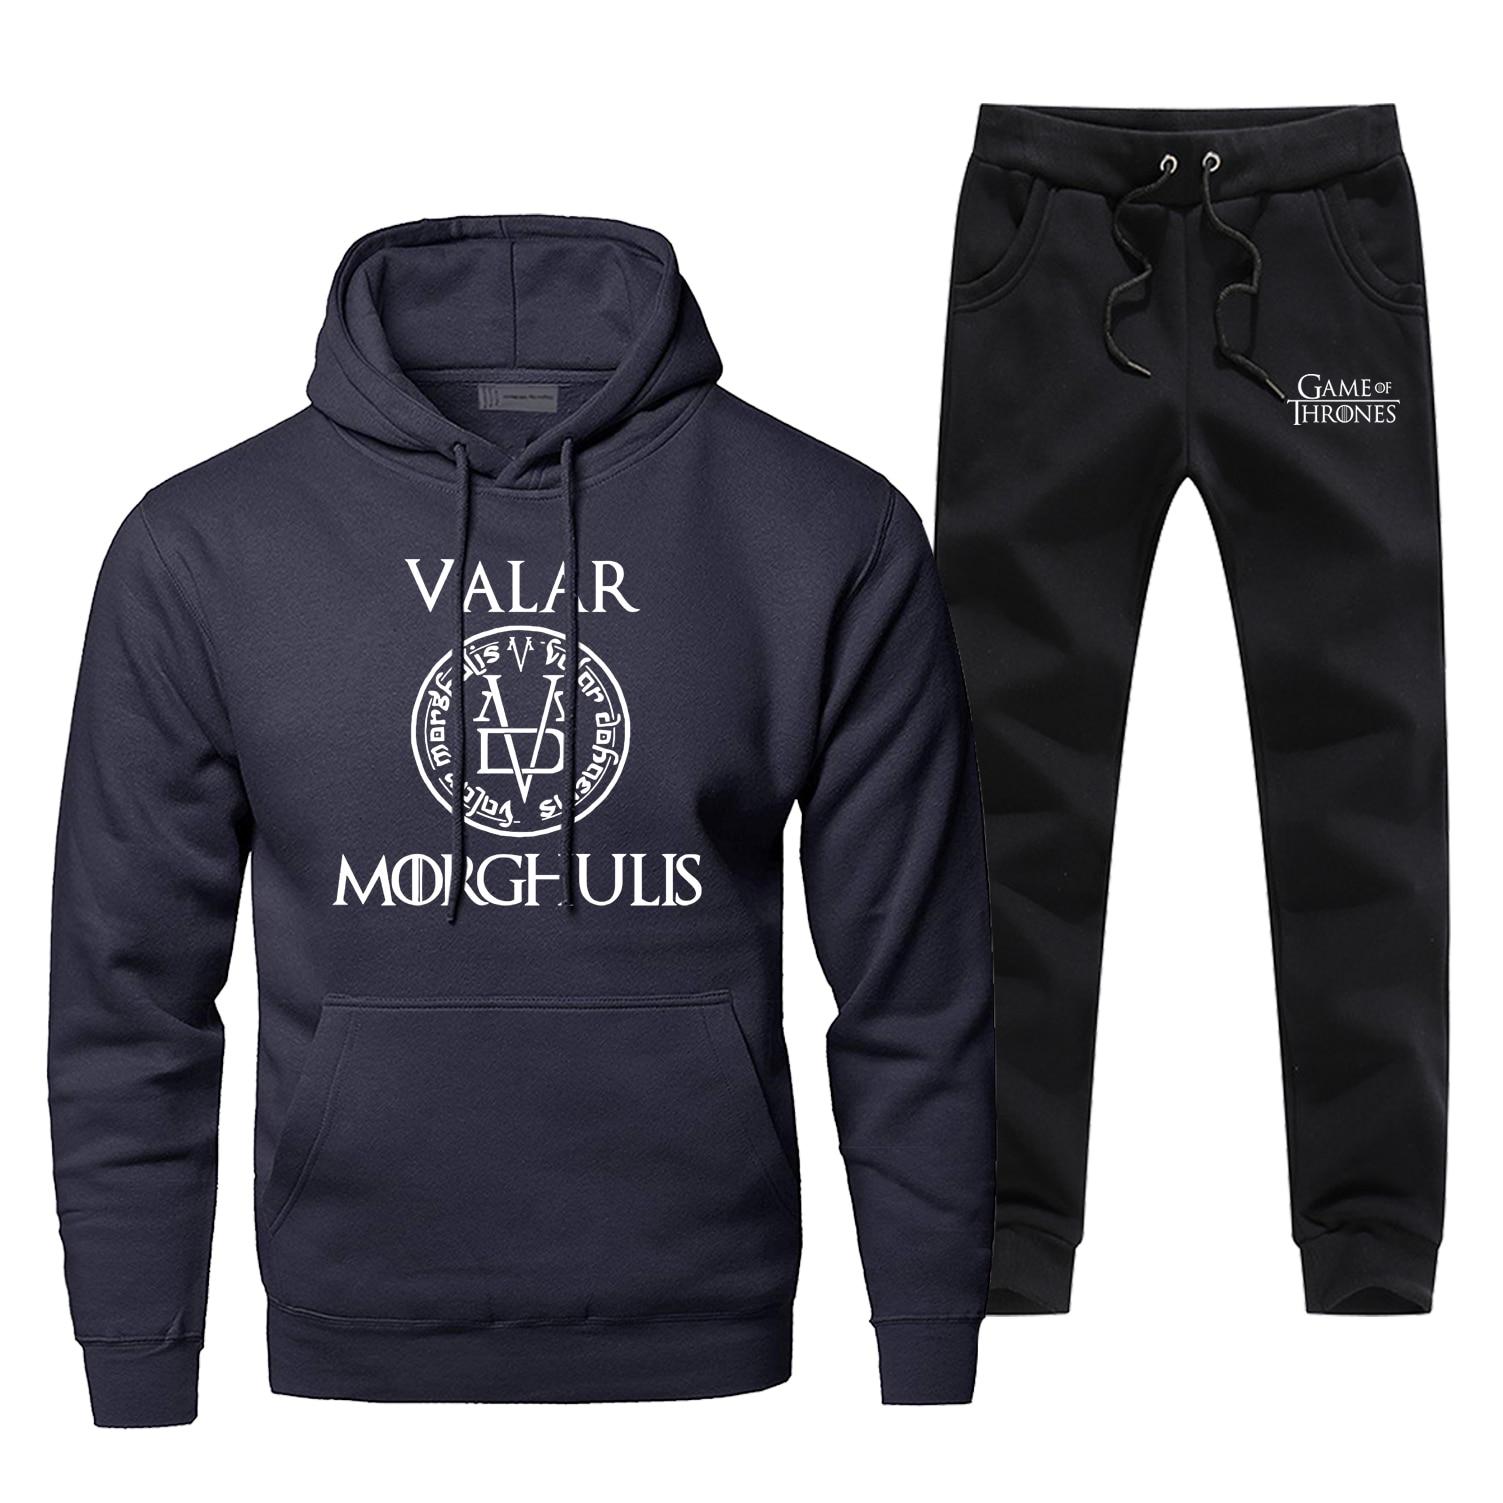 VALAR MORGHULIS Print Hoodies Game Of Thrones Sweatshirt Hoodies Pants Sets Men Winter Casual Sportswear Harajuku Streetwear